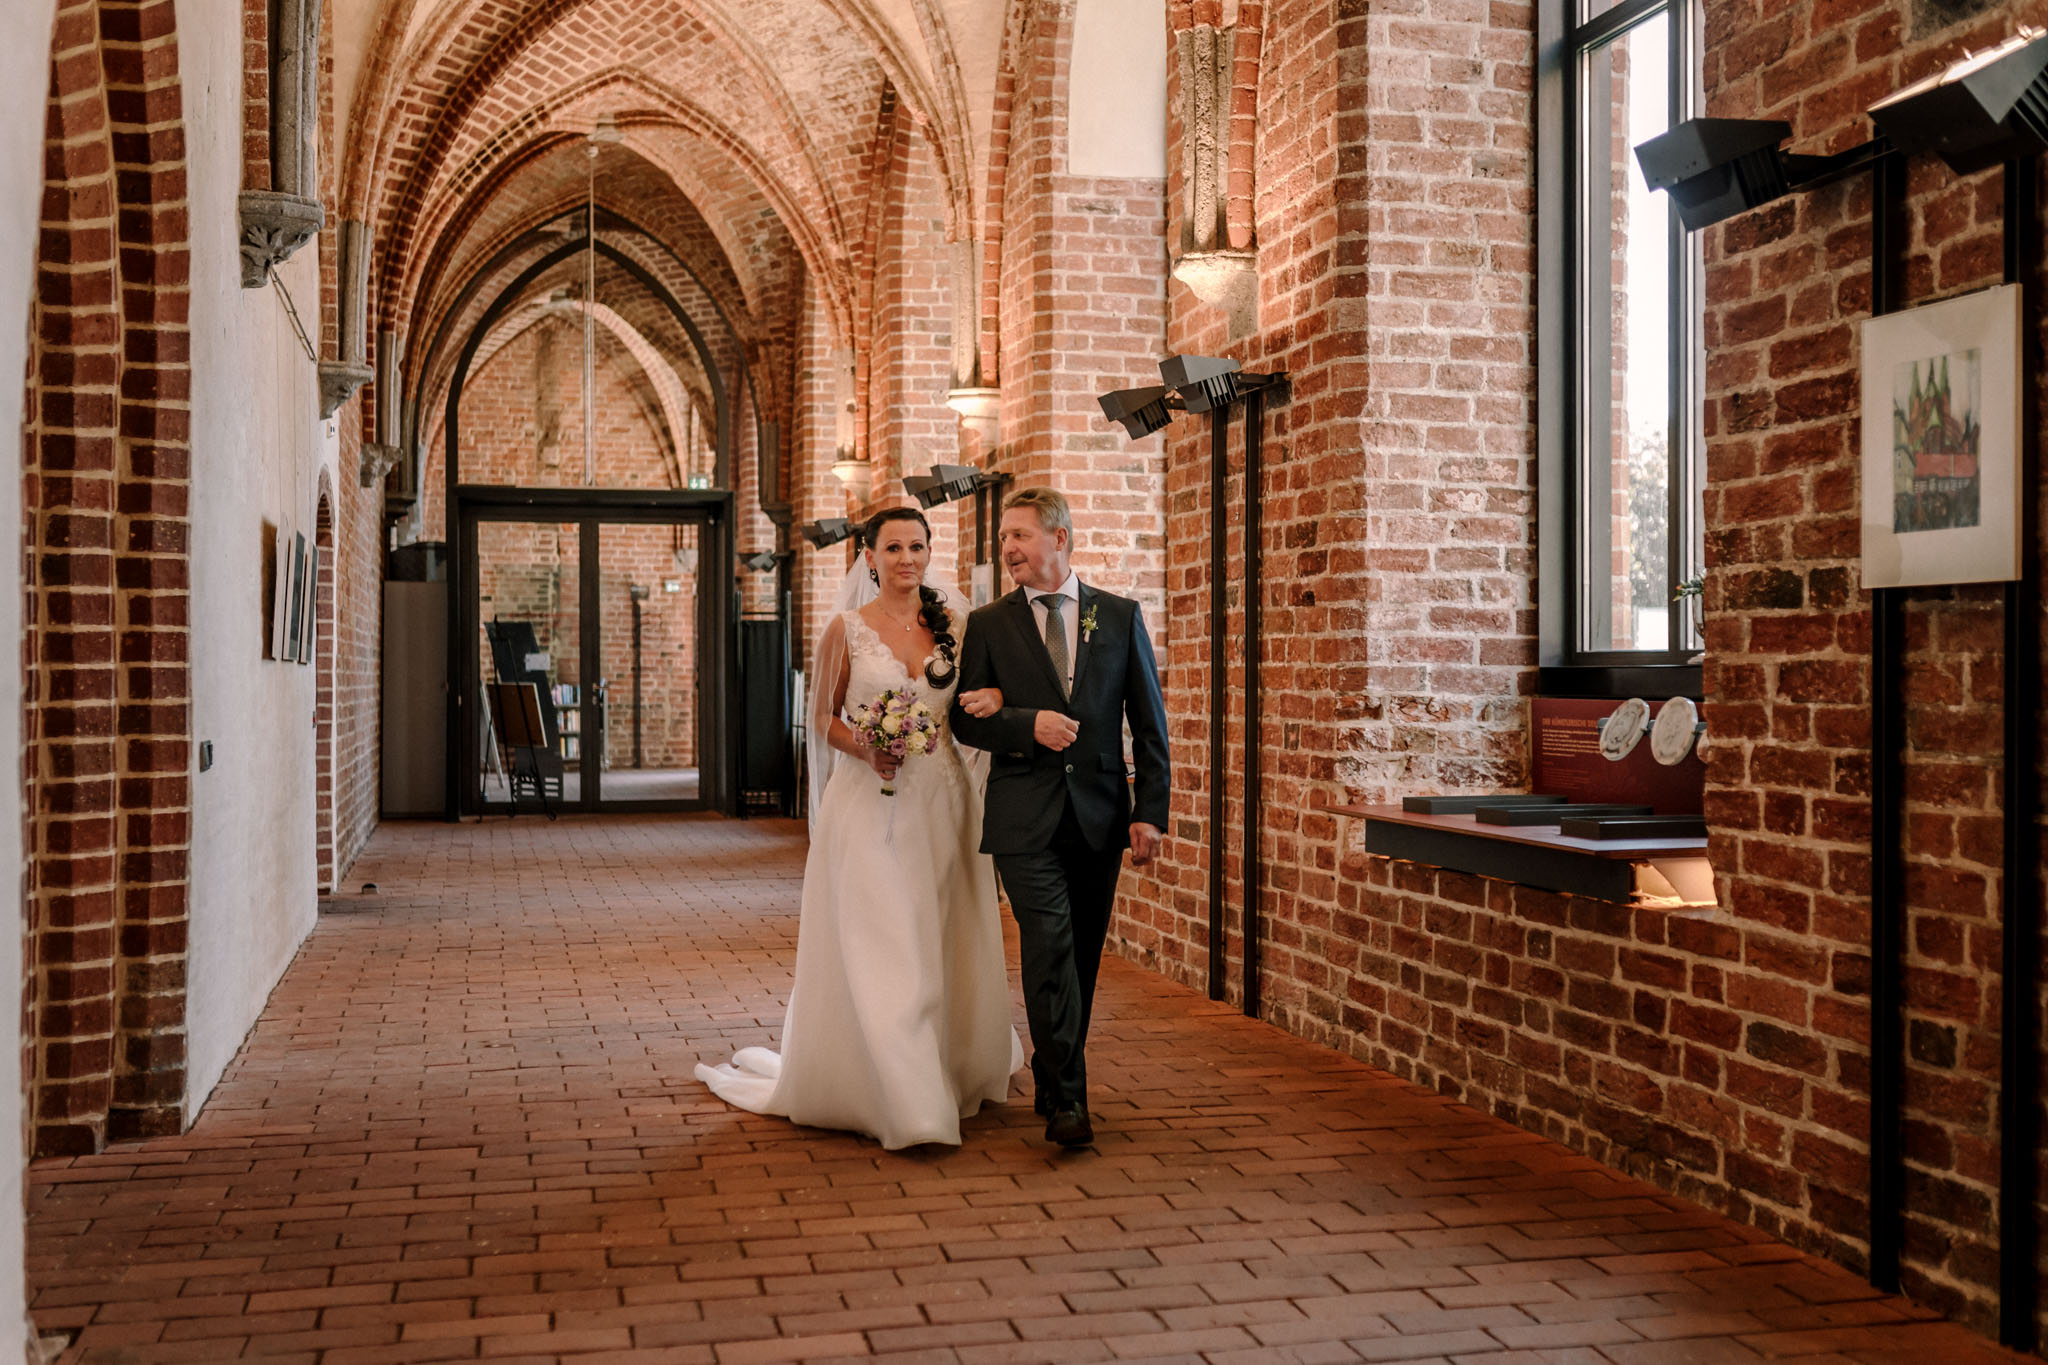 Hochzeitsfieber by Photo-Schomburg, Hochzeitsfotograf, Hamburg,Hochzeitstag, Hochzeitspaar, Braut, Bräutigam, Literaturhauscafe Zarrentin-18